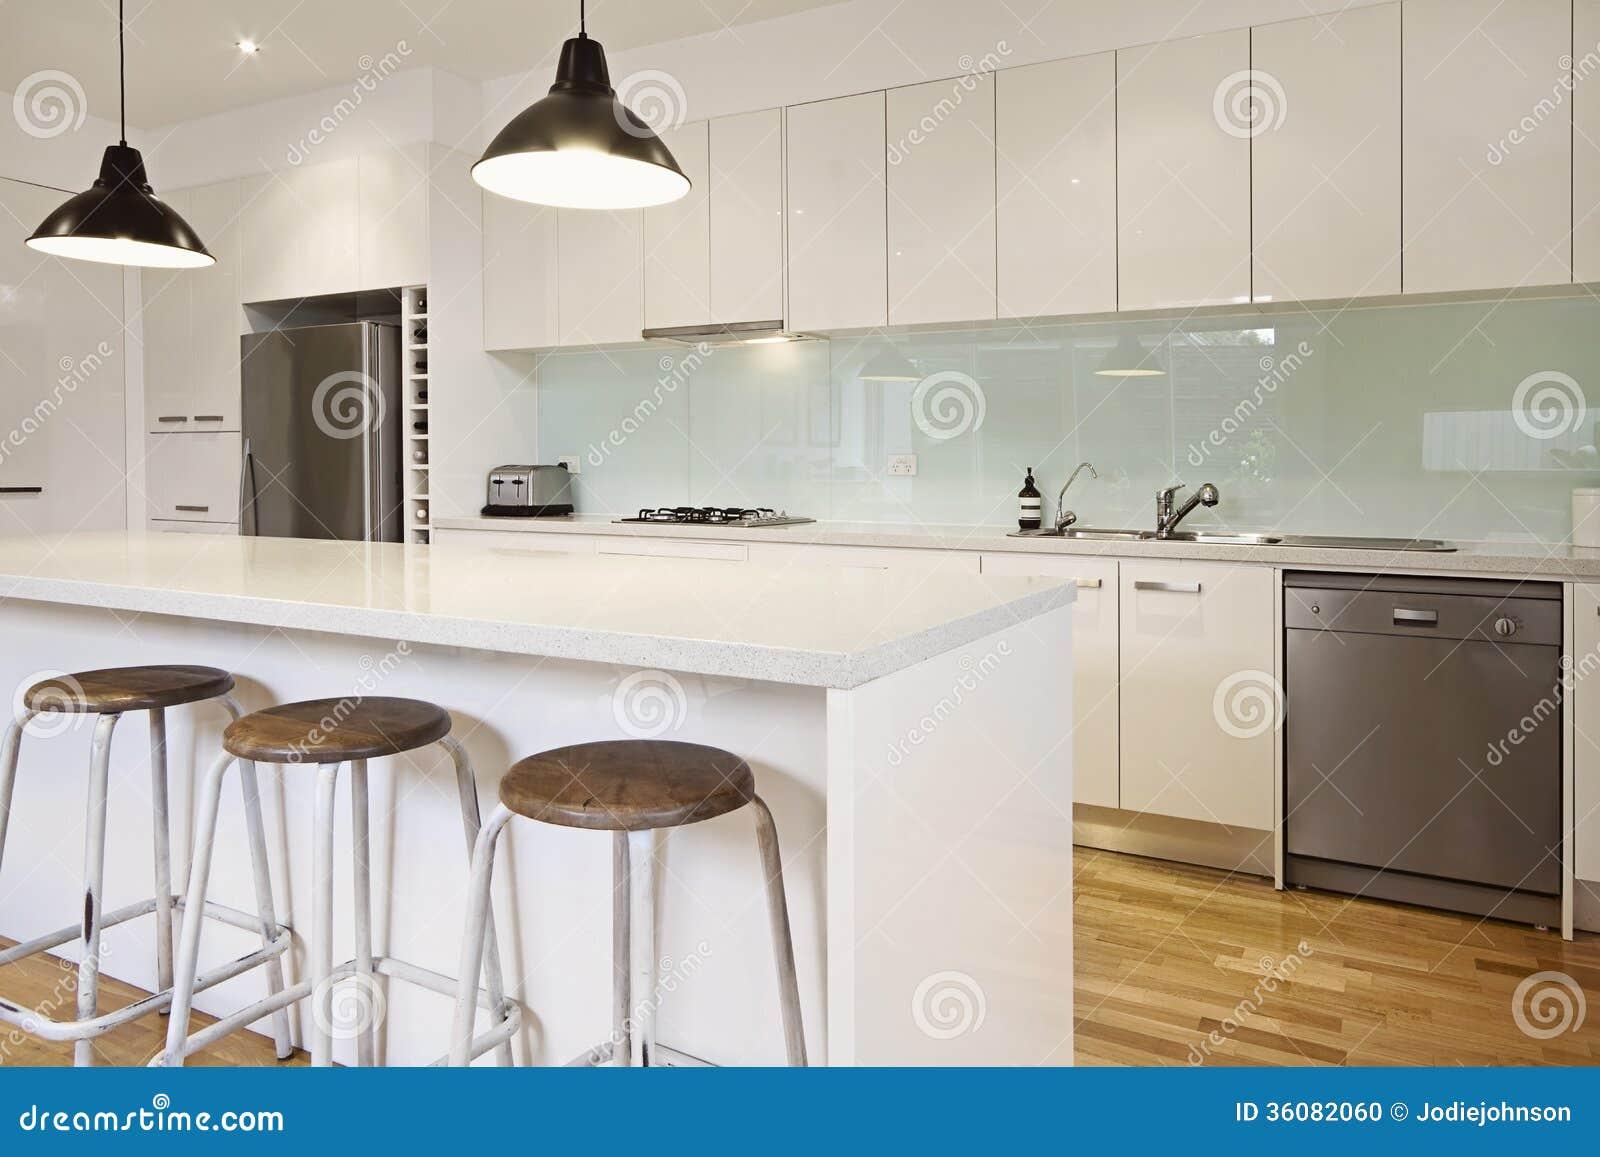 Witte eigentijdse keuken met eiland stock foto beeld 36082060 - Eigentijdse houten keuken ...